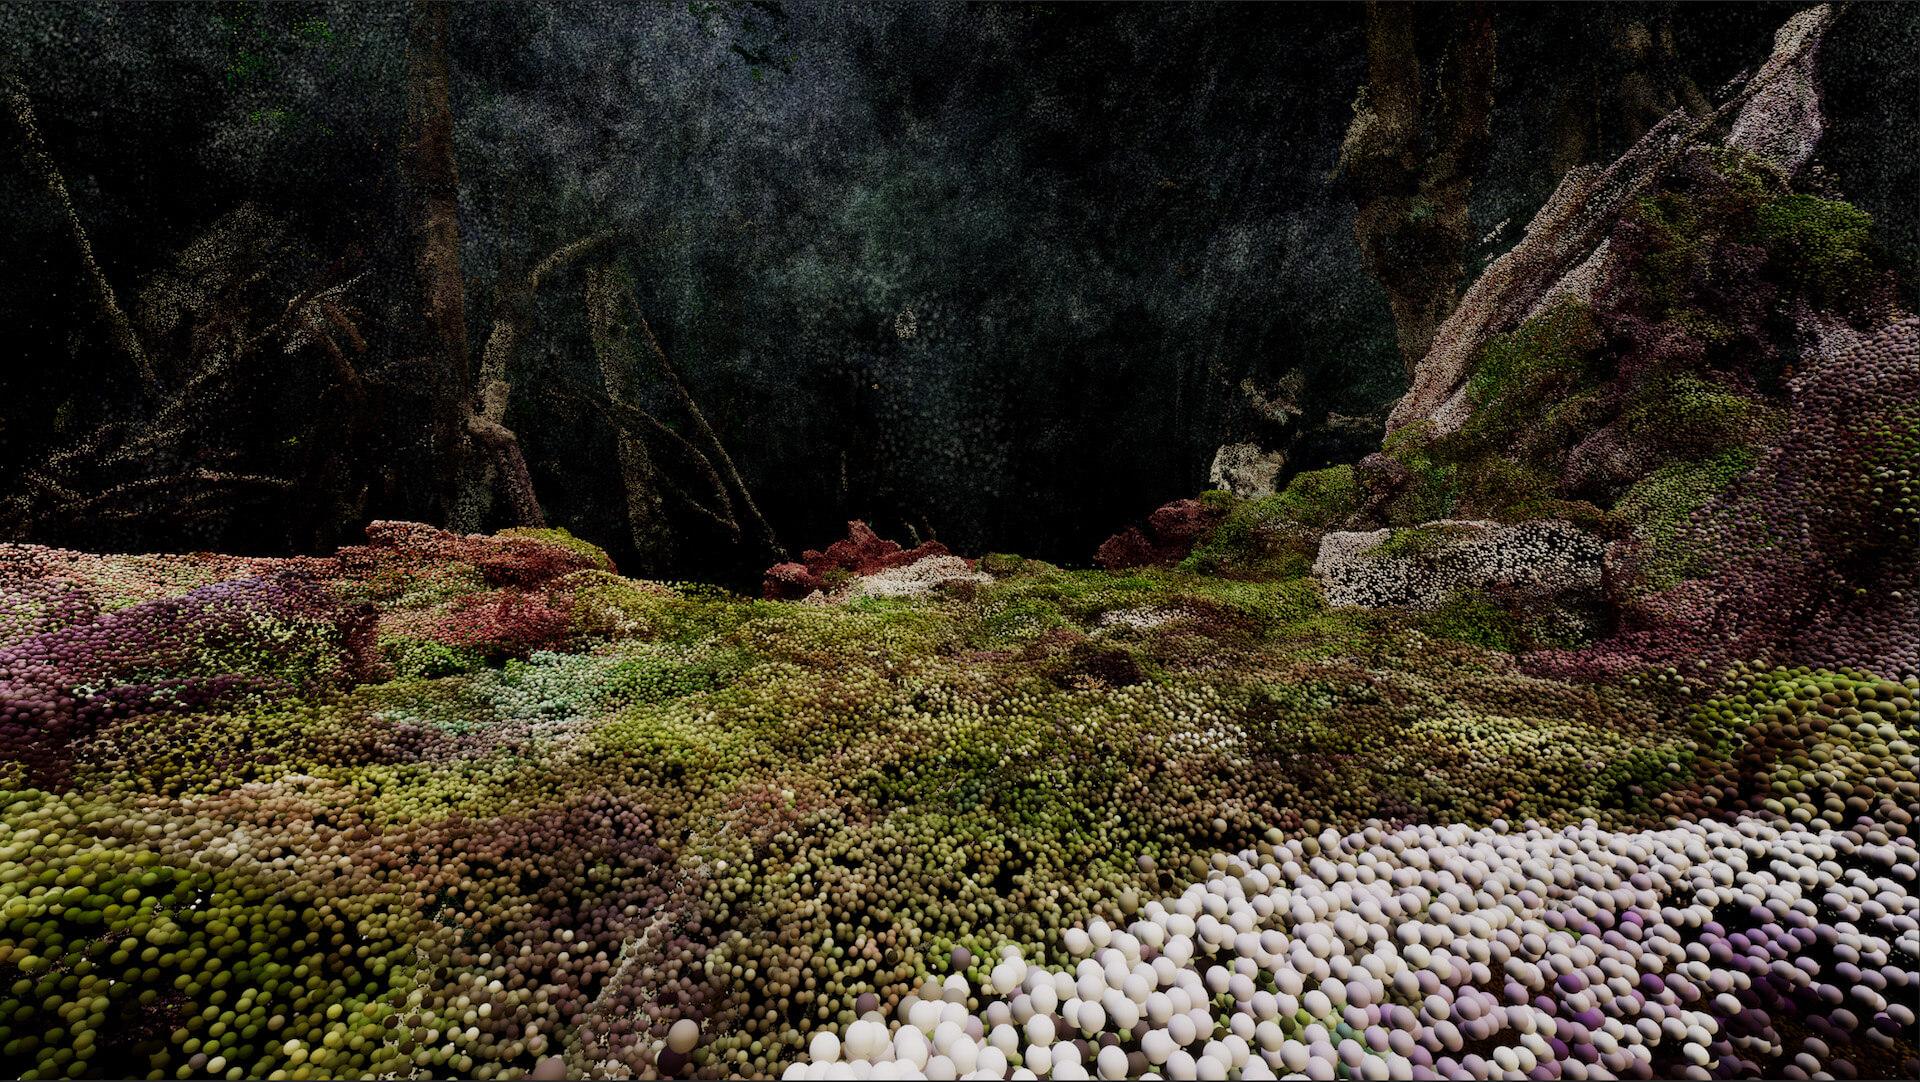 YAKUSHIMA TREASUREの死生観とポストコロナの表現 屋久島の原生林でのライヴ作品『ANOTHER LIVE』に迫る music210219_yakushimatreasure_32